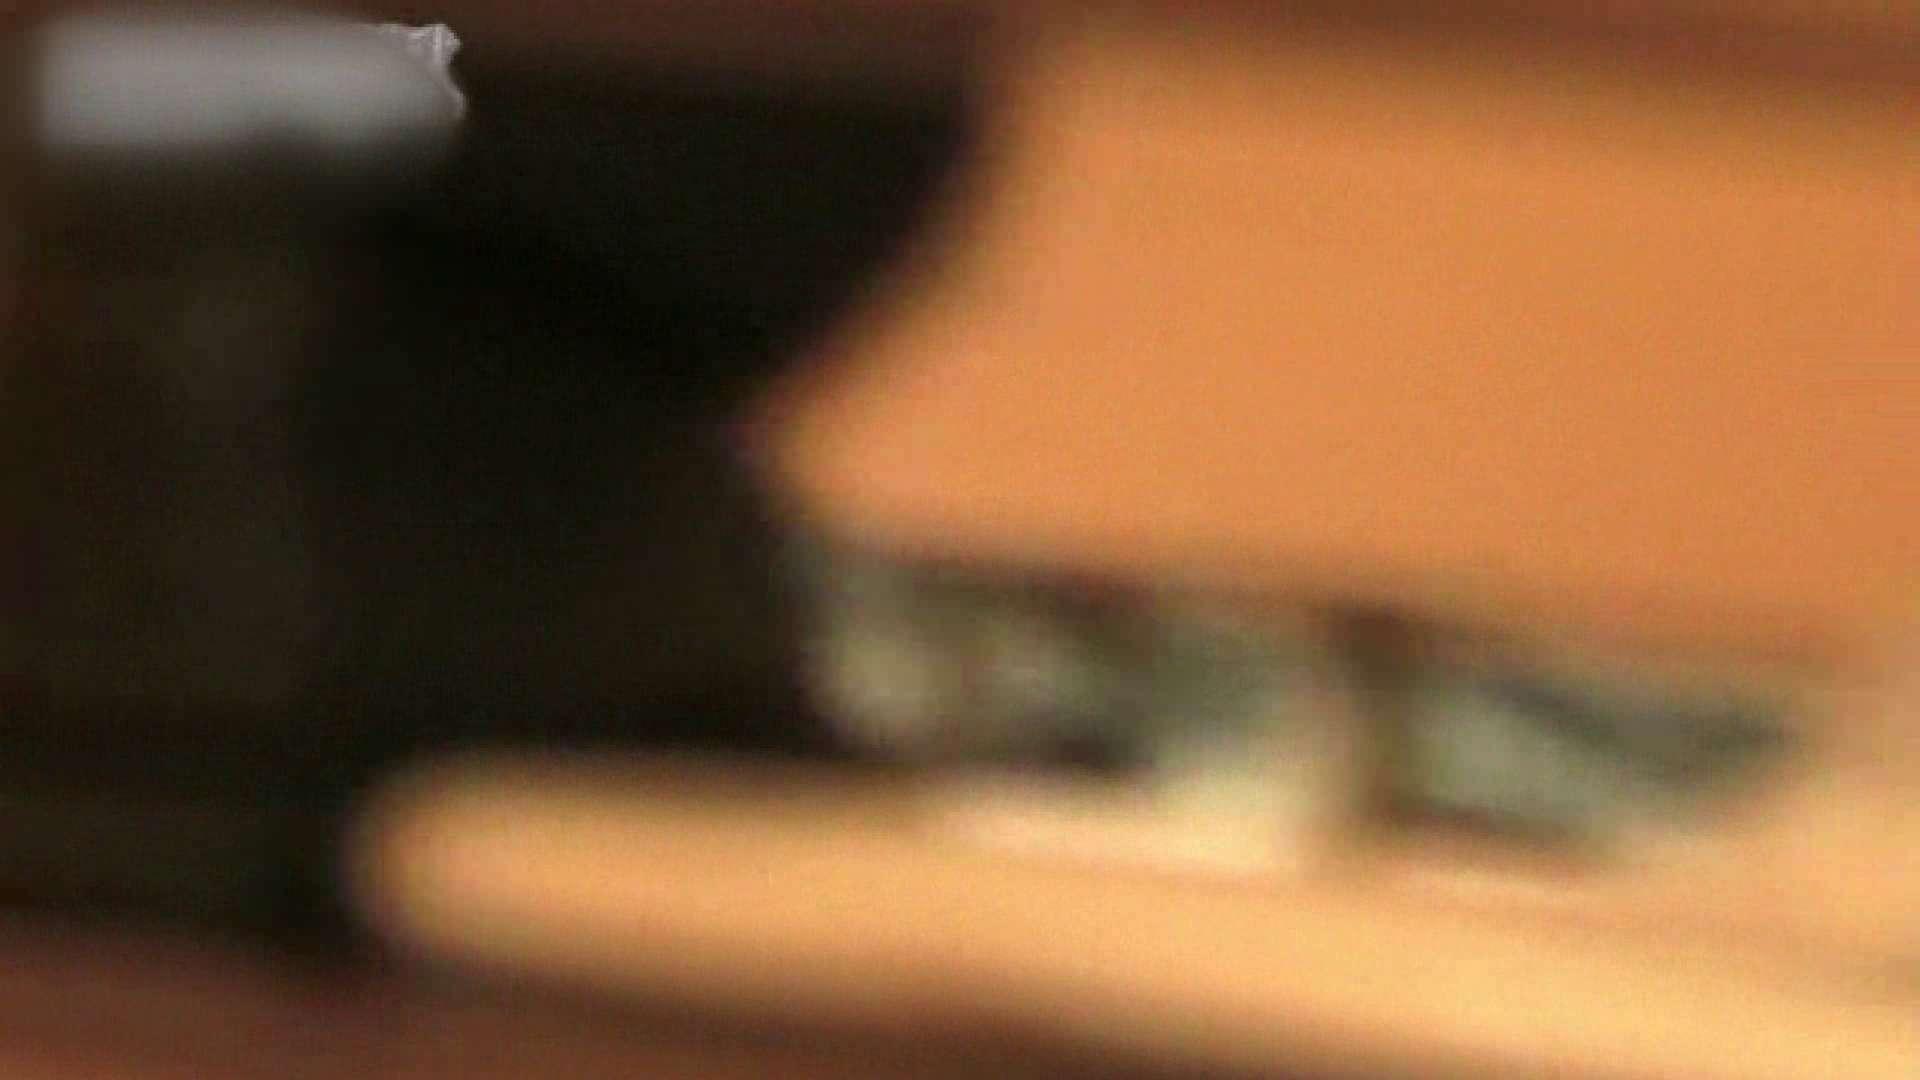 ロックハンドさんの盗撮記録File.54 モロだしオマンコ すけべAV動画紹介 94pic 13